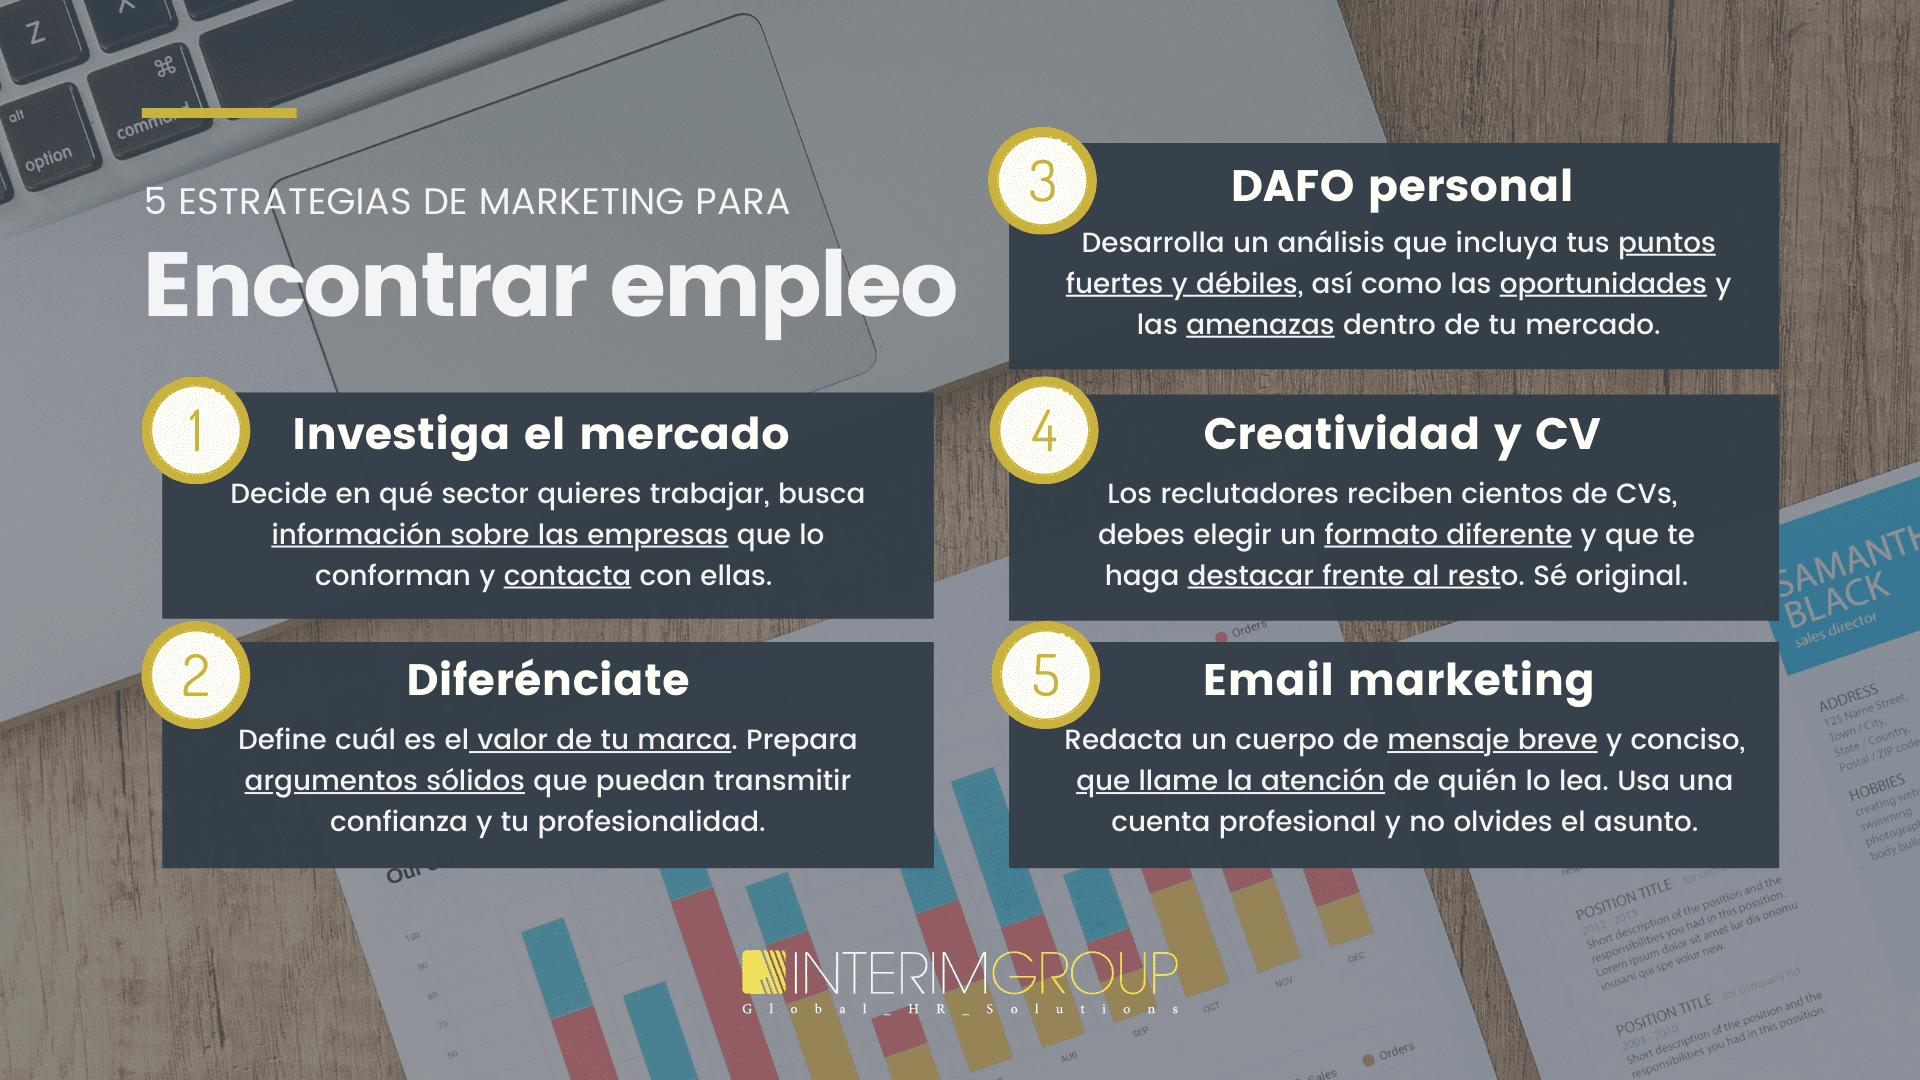 Estrategias-marketing-empleo-imagen_INTERIM_GROUP